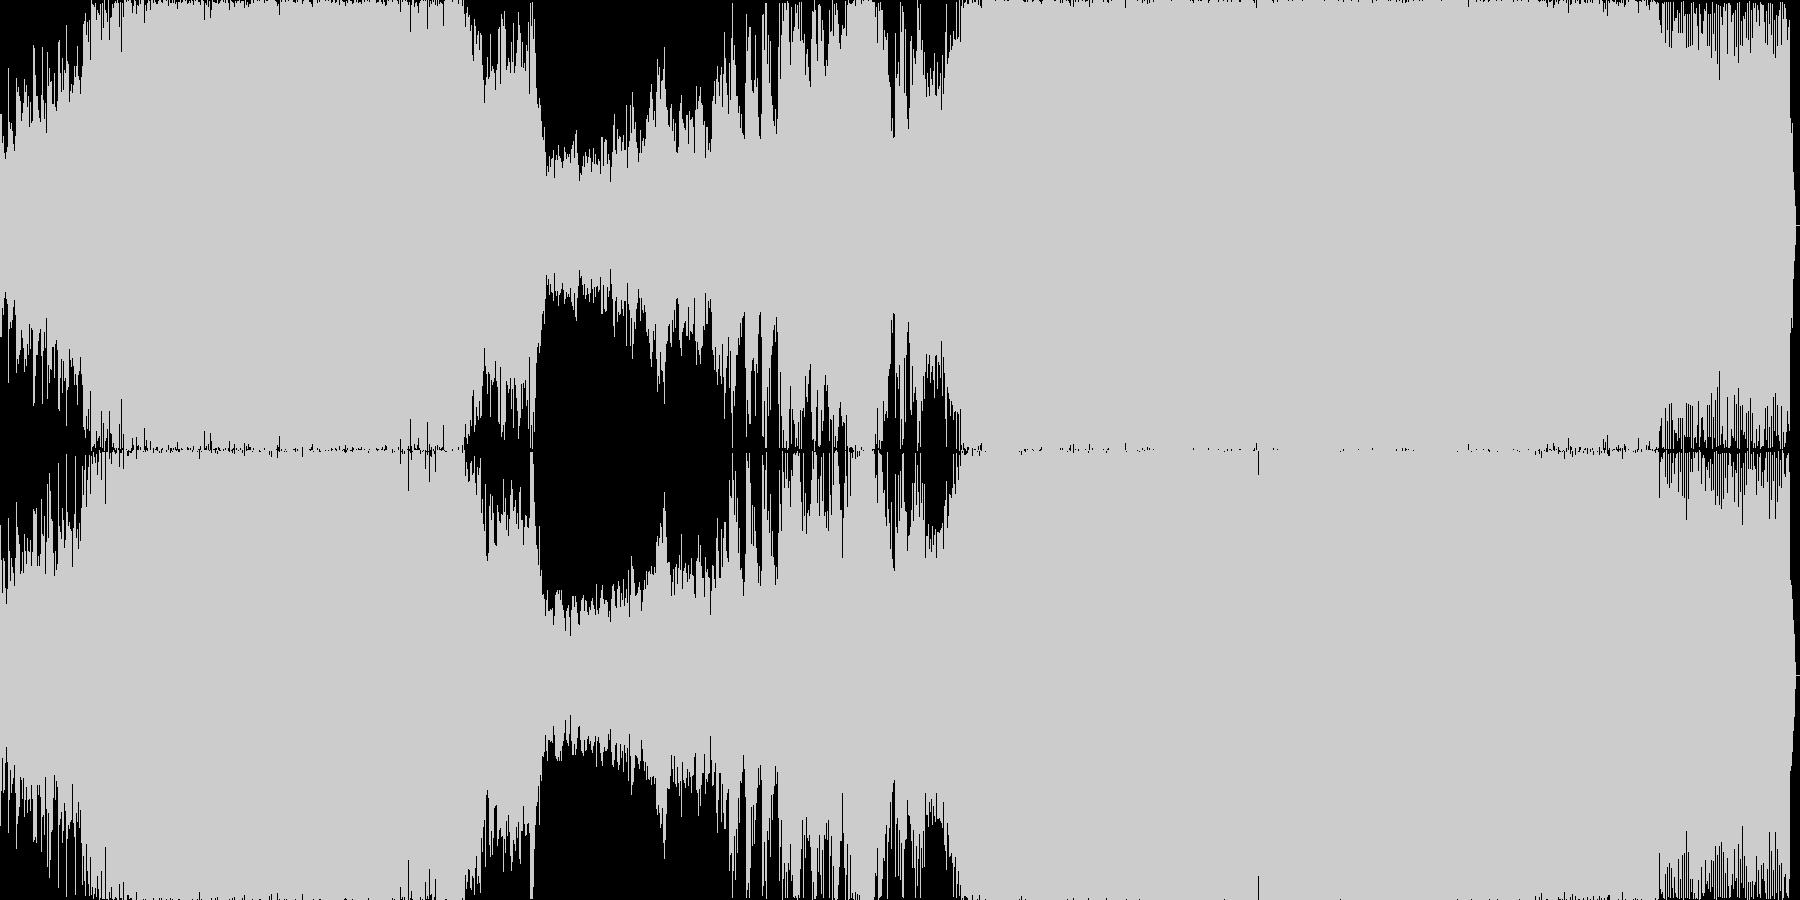 動画やゲームBGM向けな軽快なトランスの未再生の波形